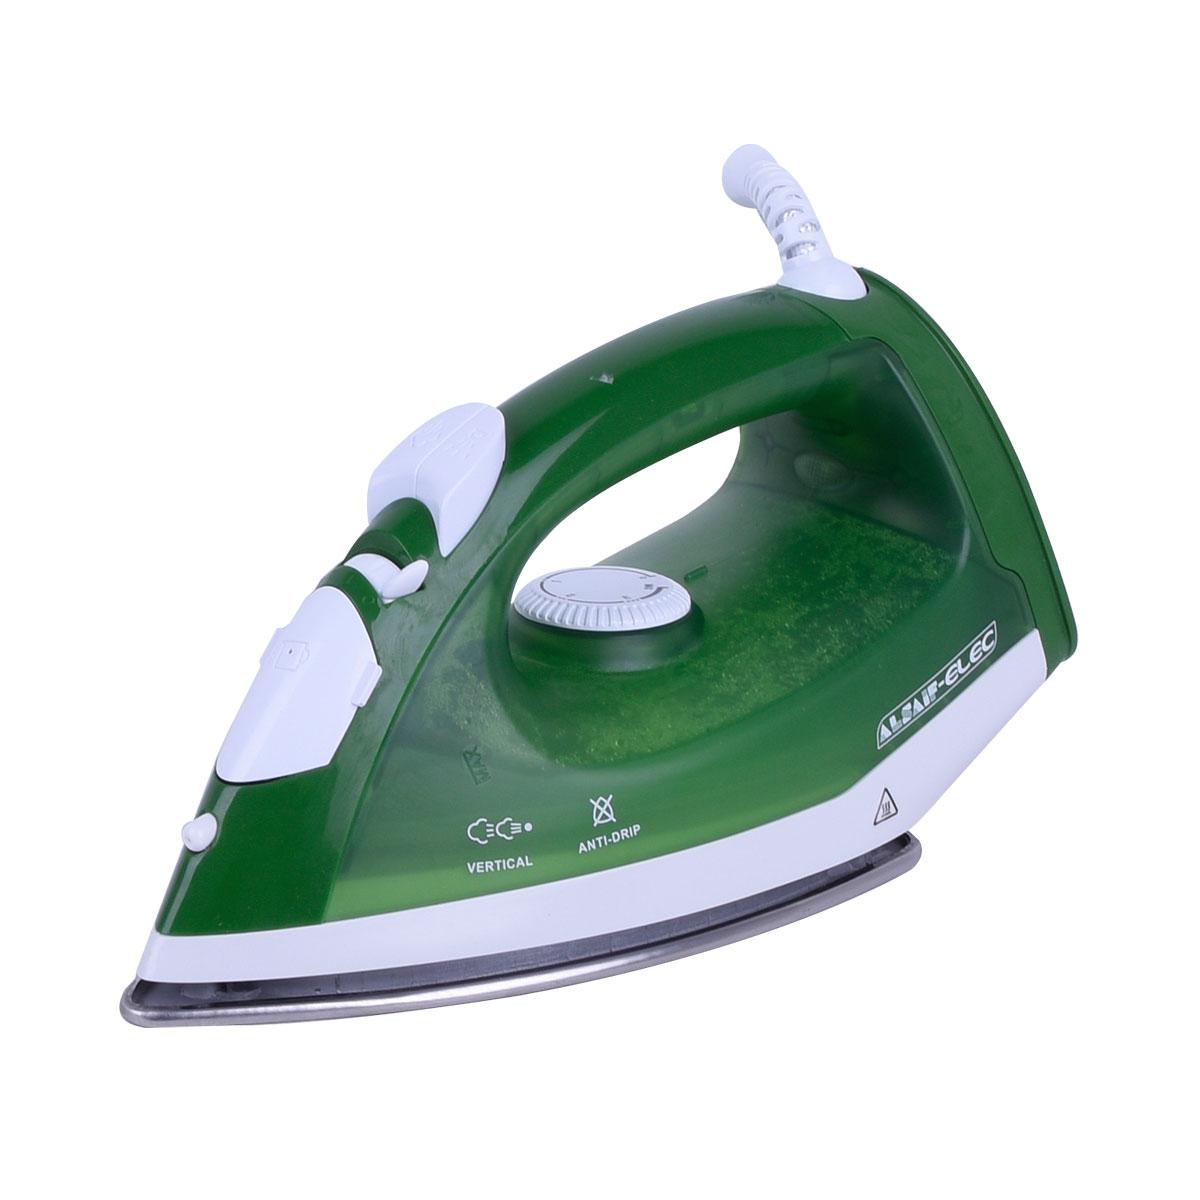 مكواة بخار السيف اسيل اخضر -1500-1900واط -220 فولت